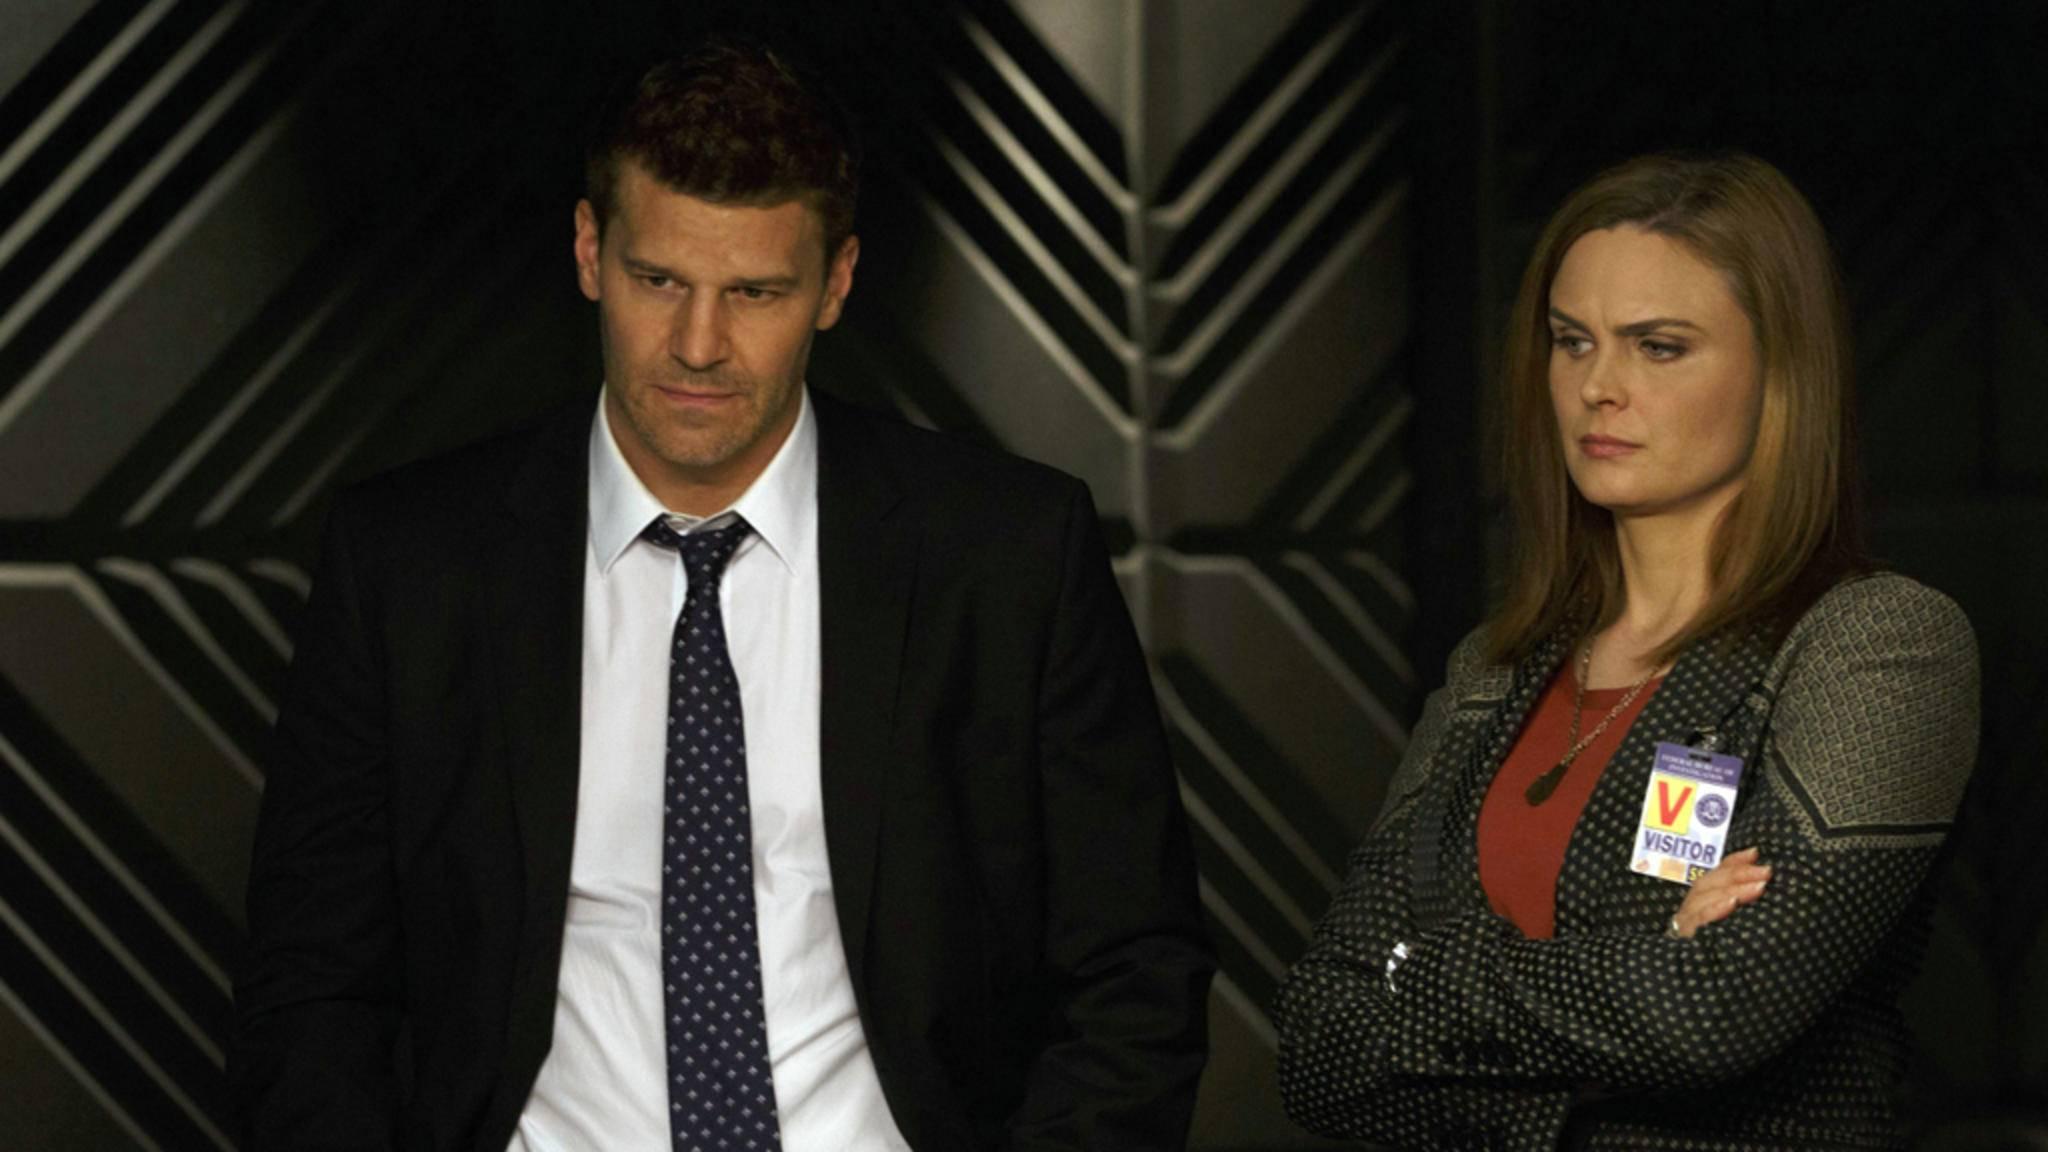 Nach 12 Jahren ist auch Brennan alias Bones (rechts) in TV-Rente gegangen.